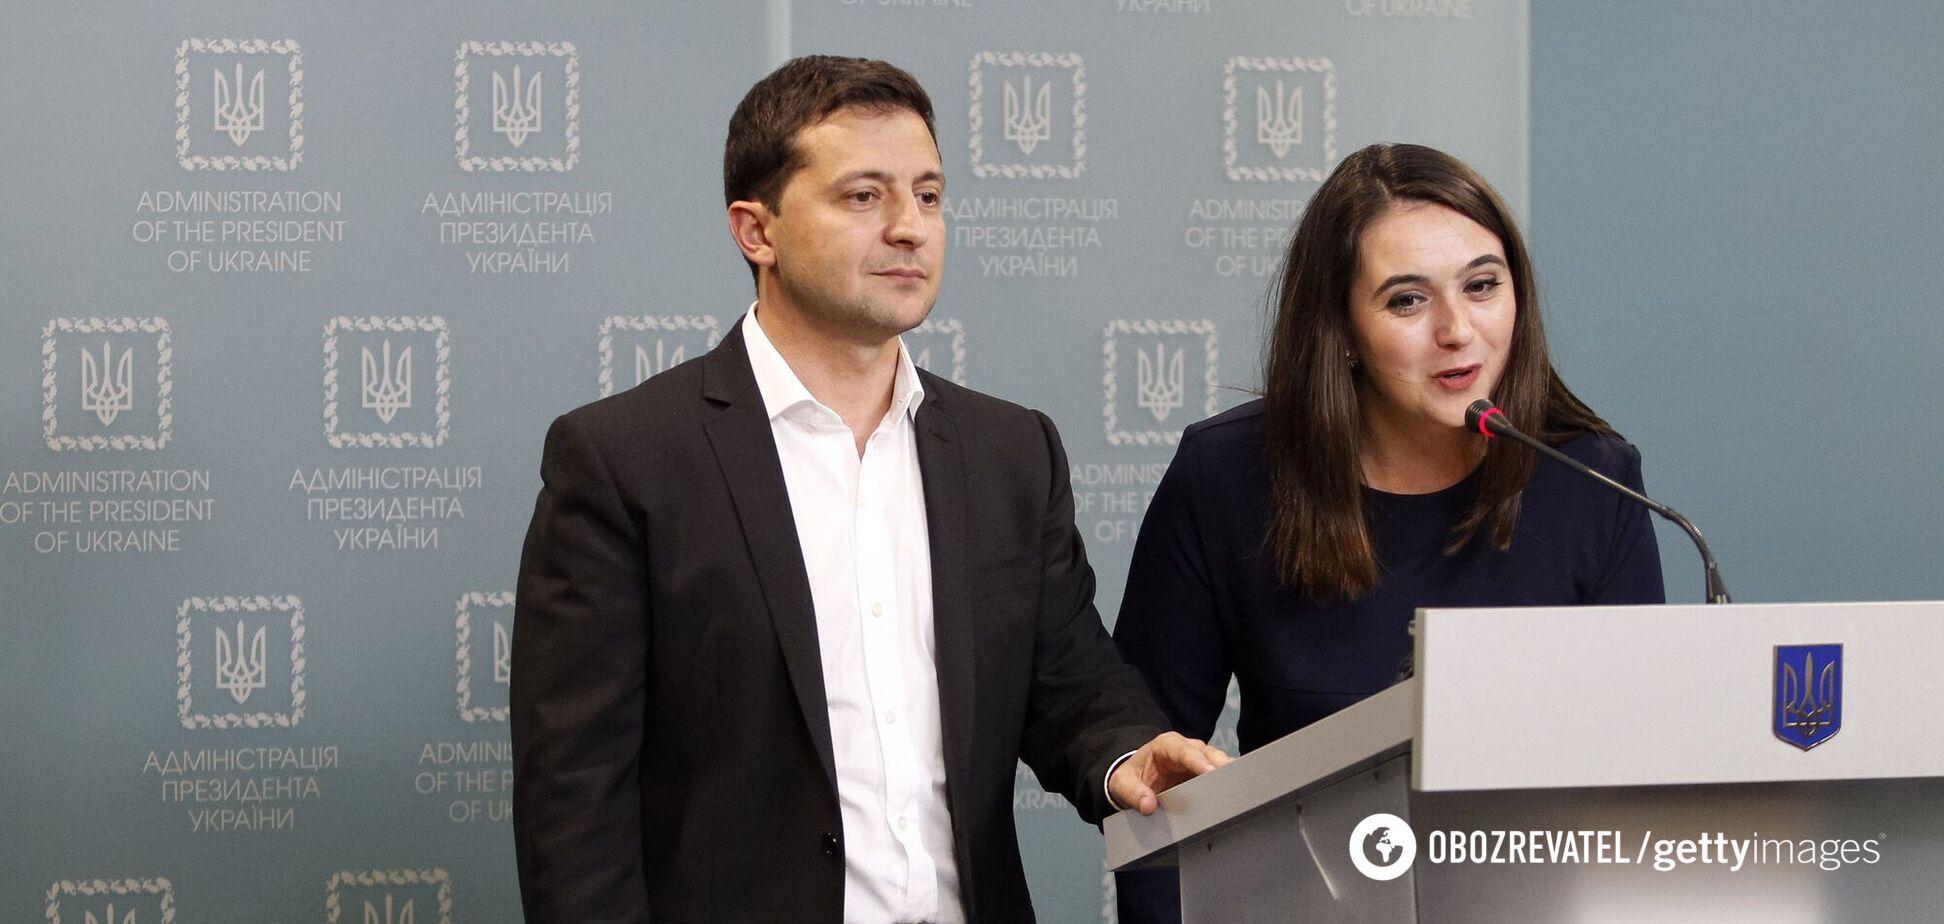 Володимир Зеленський і Юлія Мендель